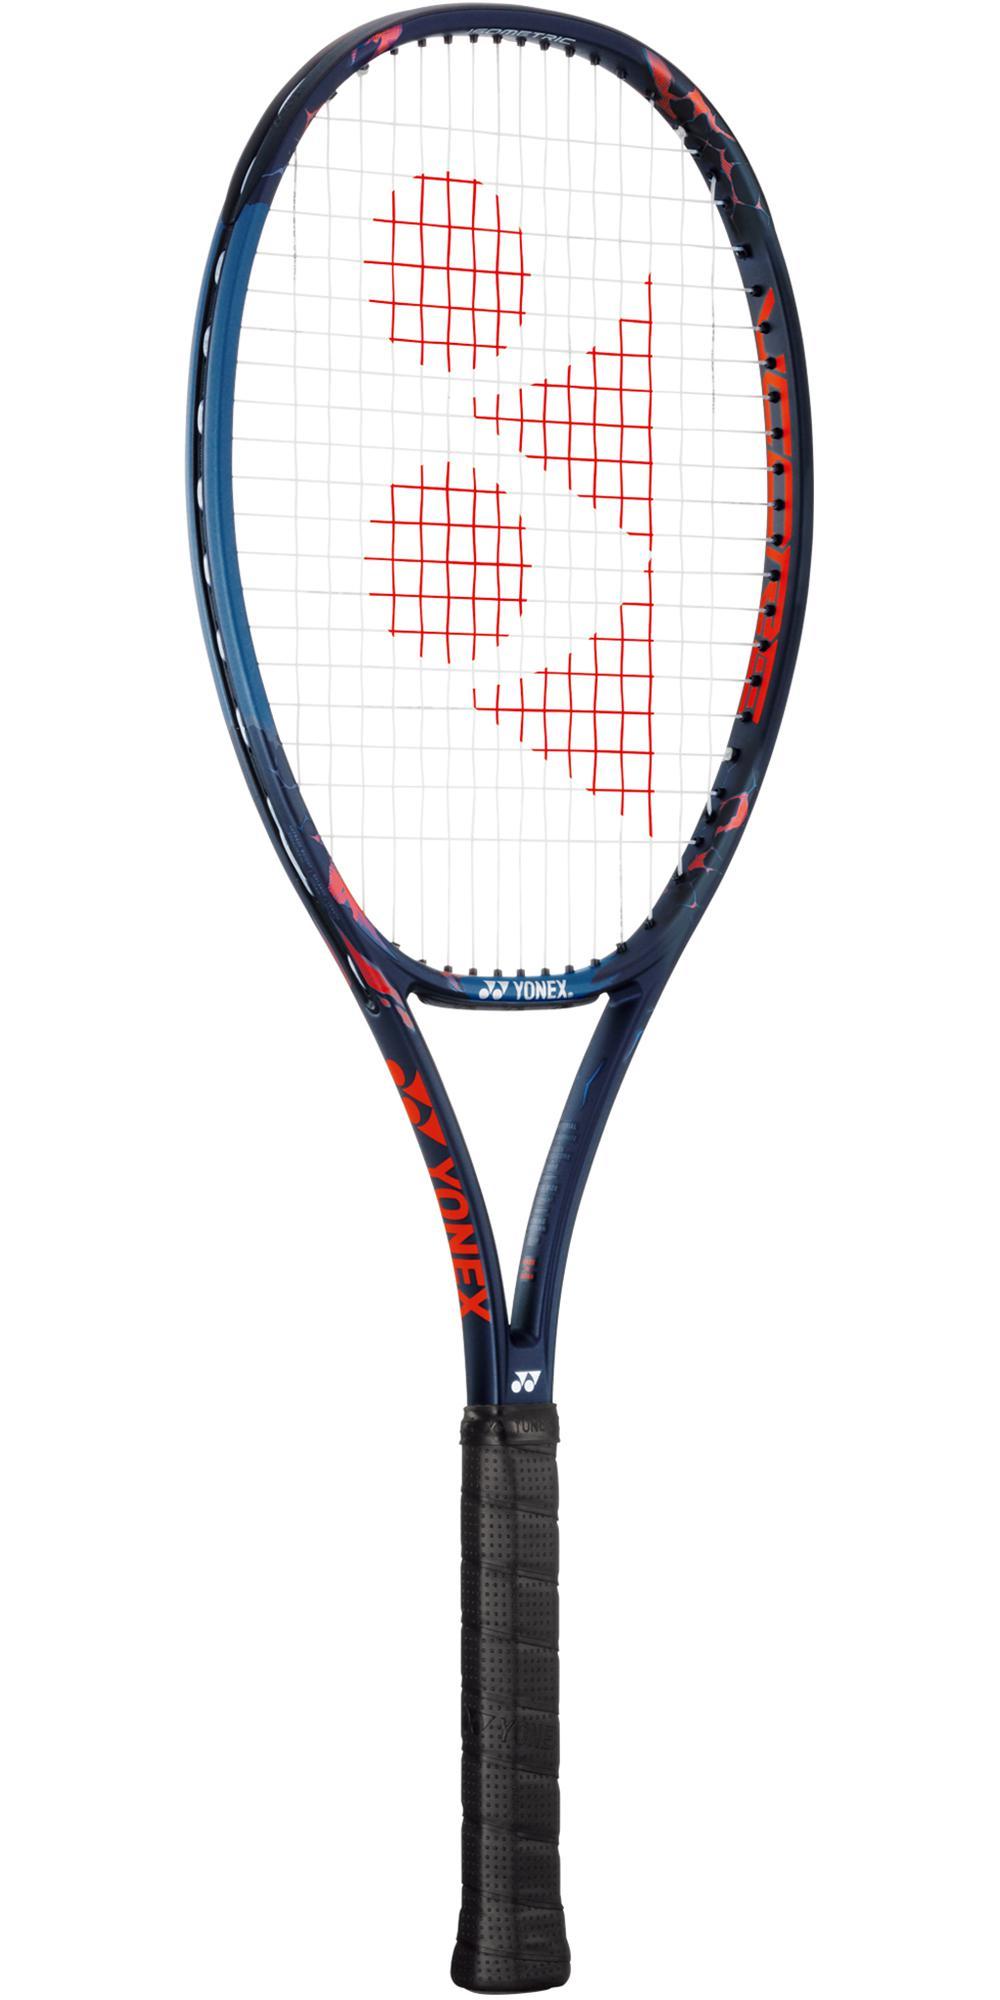 Yonex Tennis Racket >> Yonex Vcore Pro 100 G 300g Tennis Racket